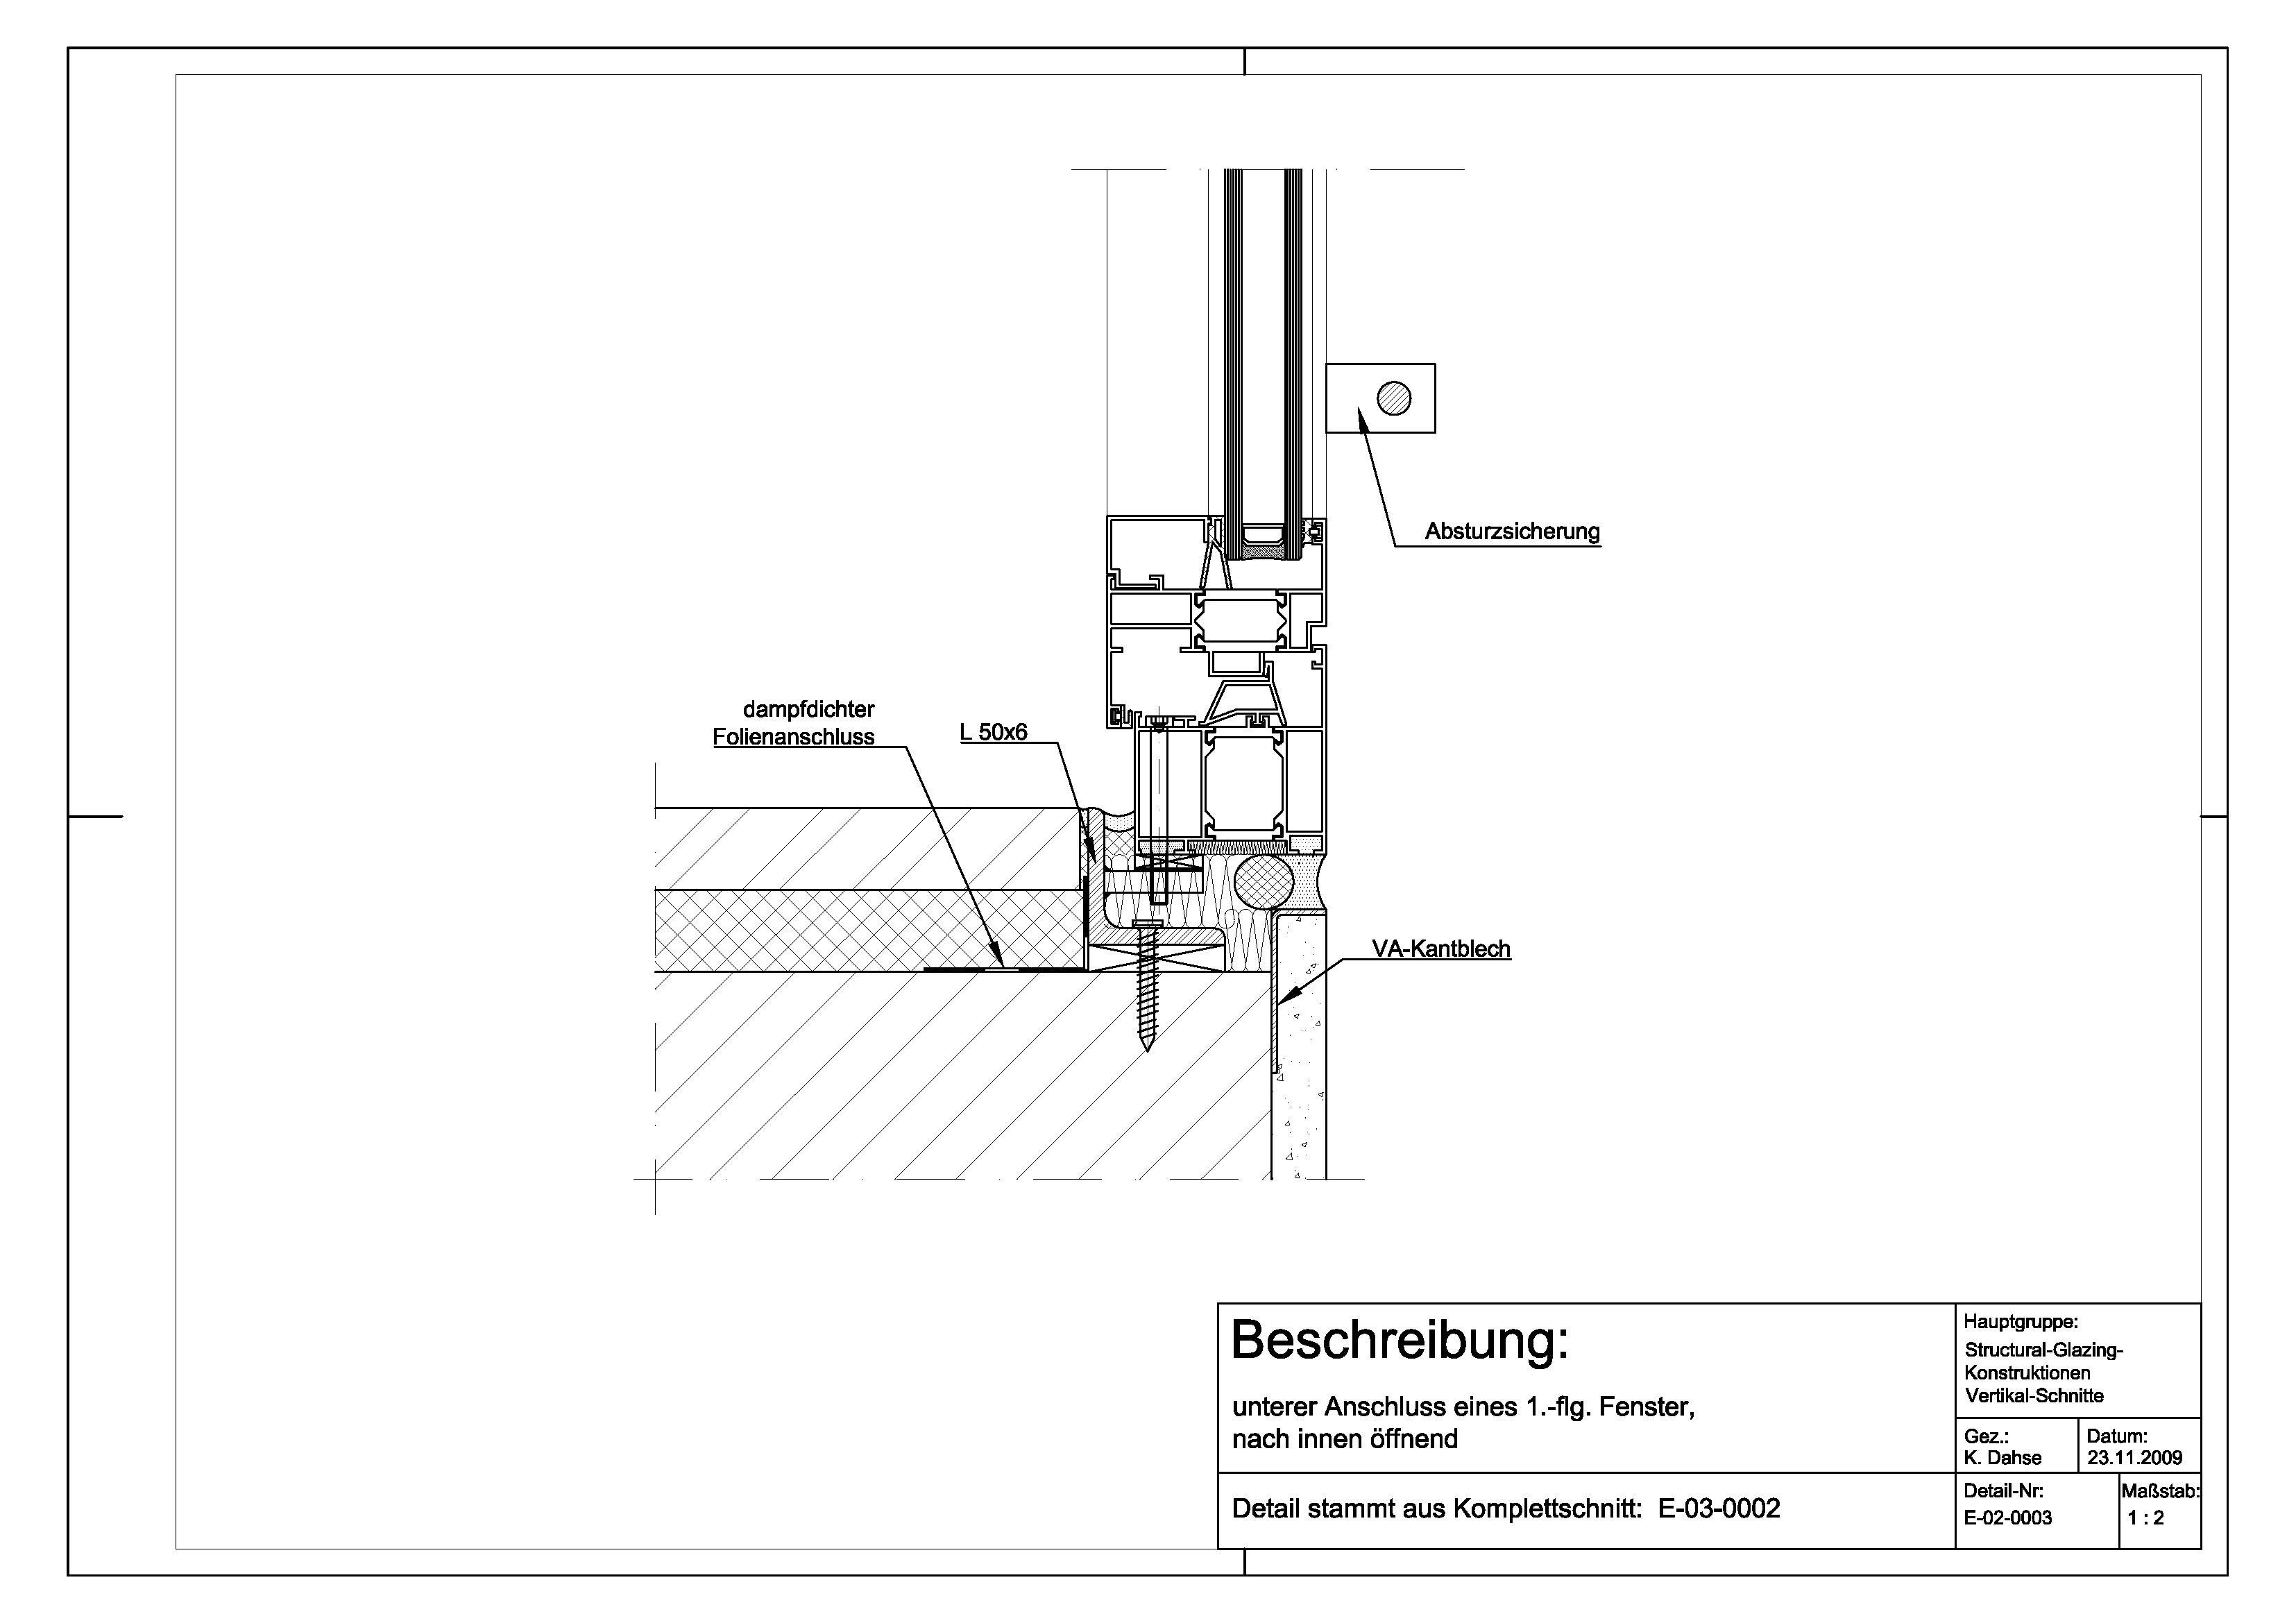 Tür detail anschluss  E-02-0003 unterer Anschluss 1.-flg. Fenster nach innen öffnend ...